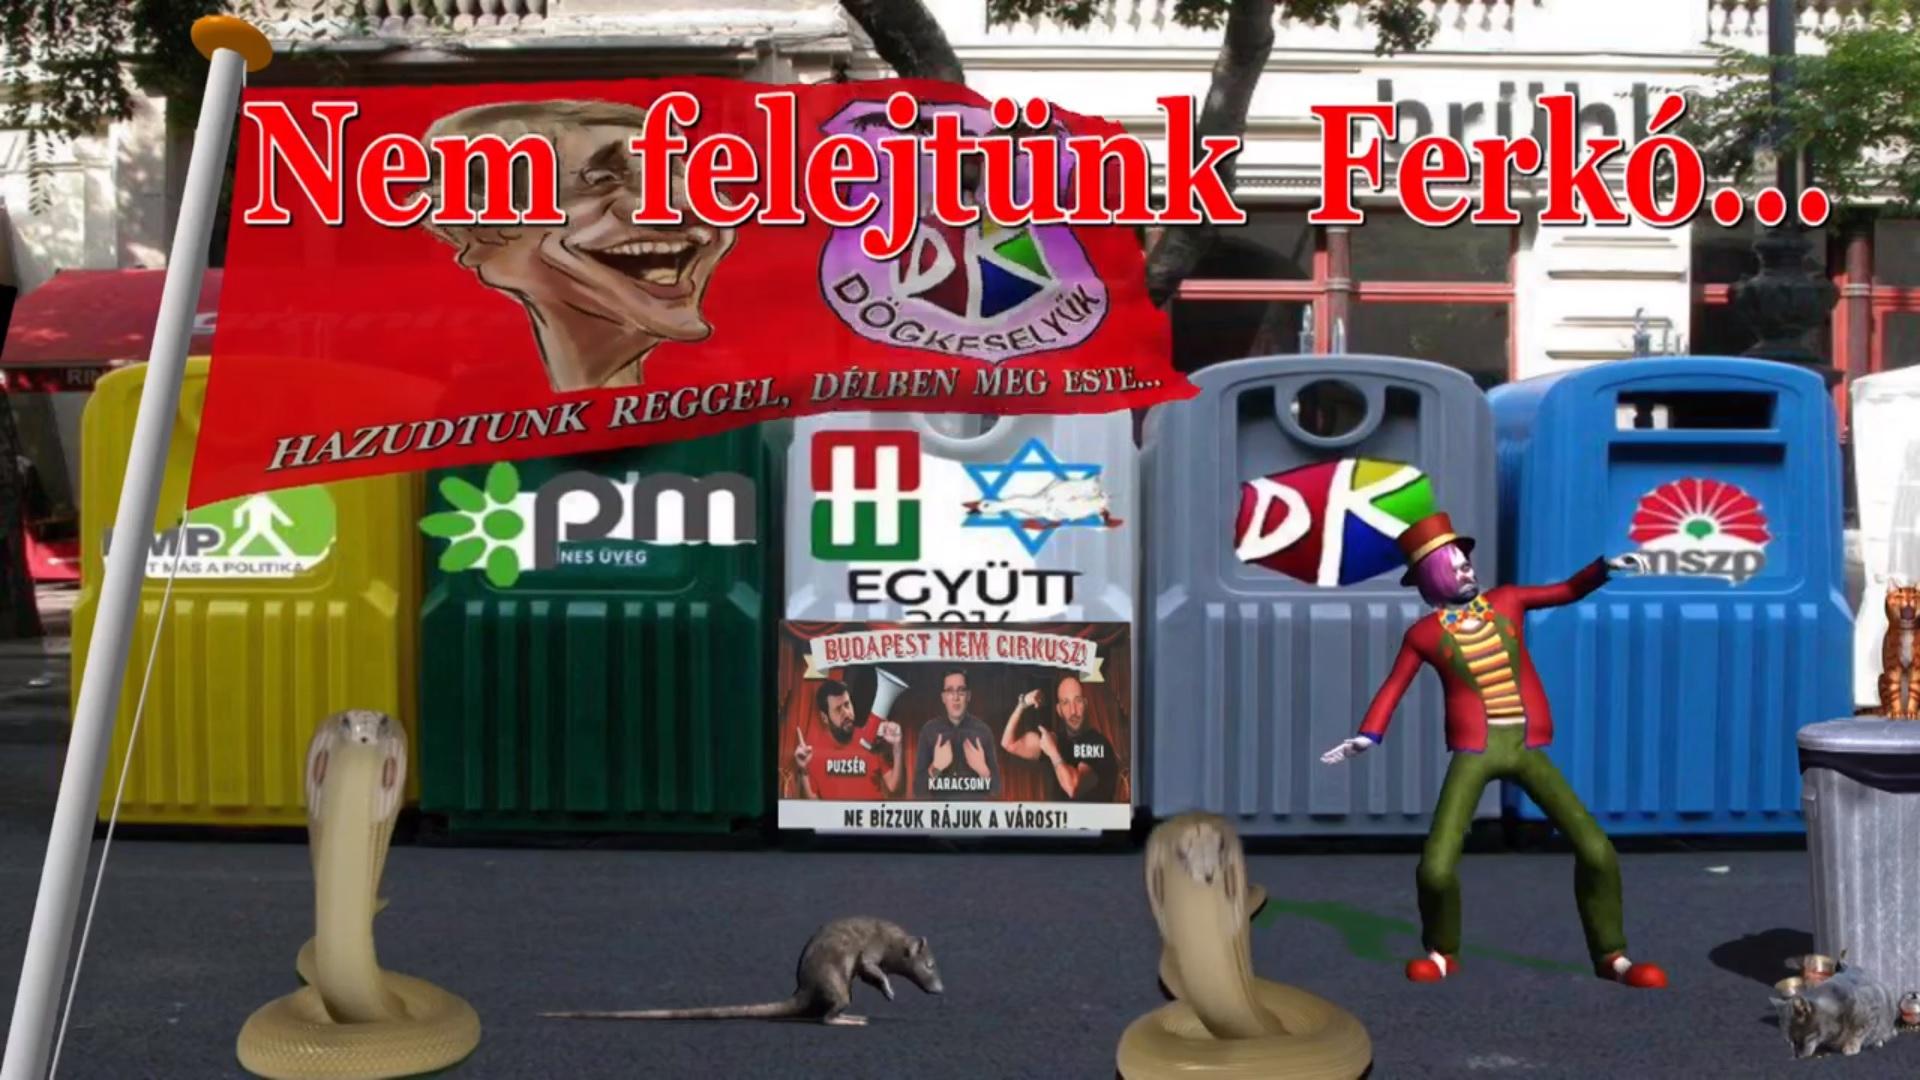 A régi internet vidám világát idézi egy fideszes aktivista a csodálatos kis animációs videóival